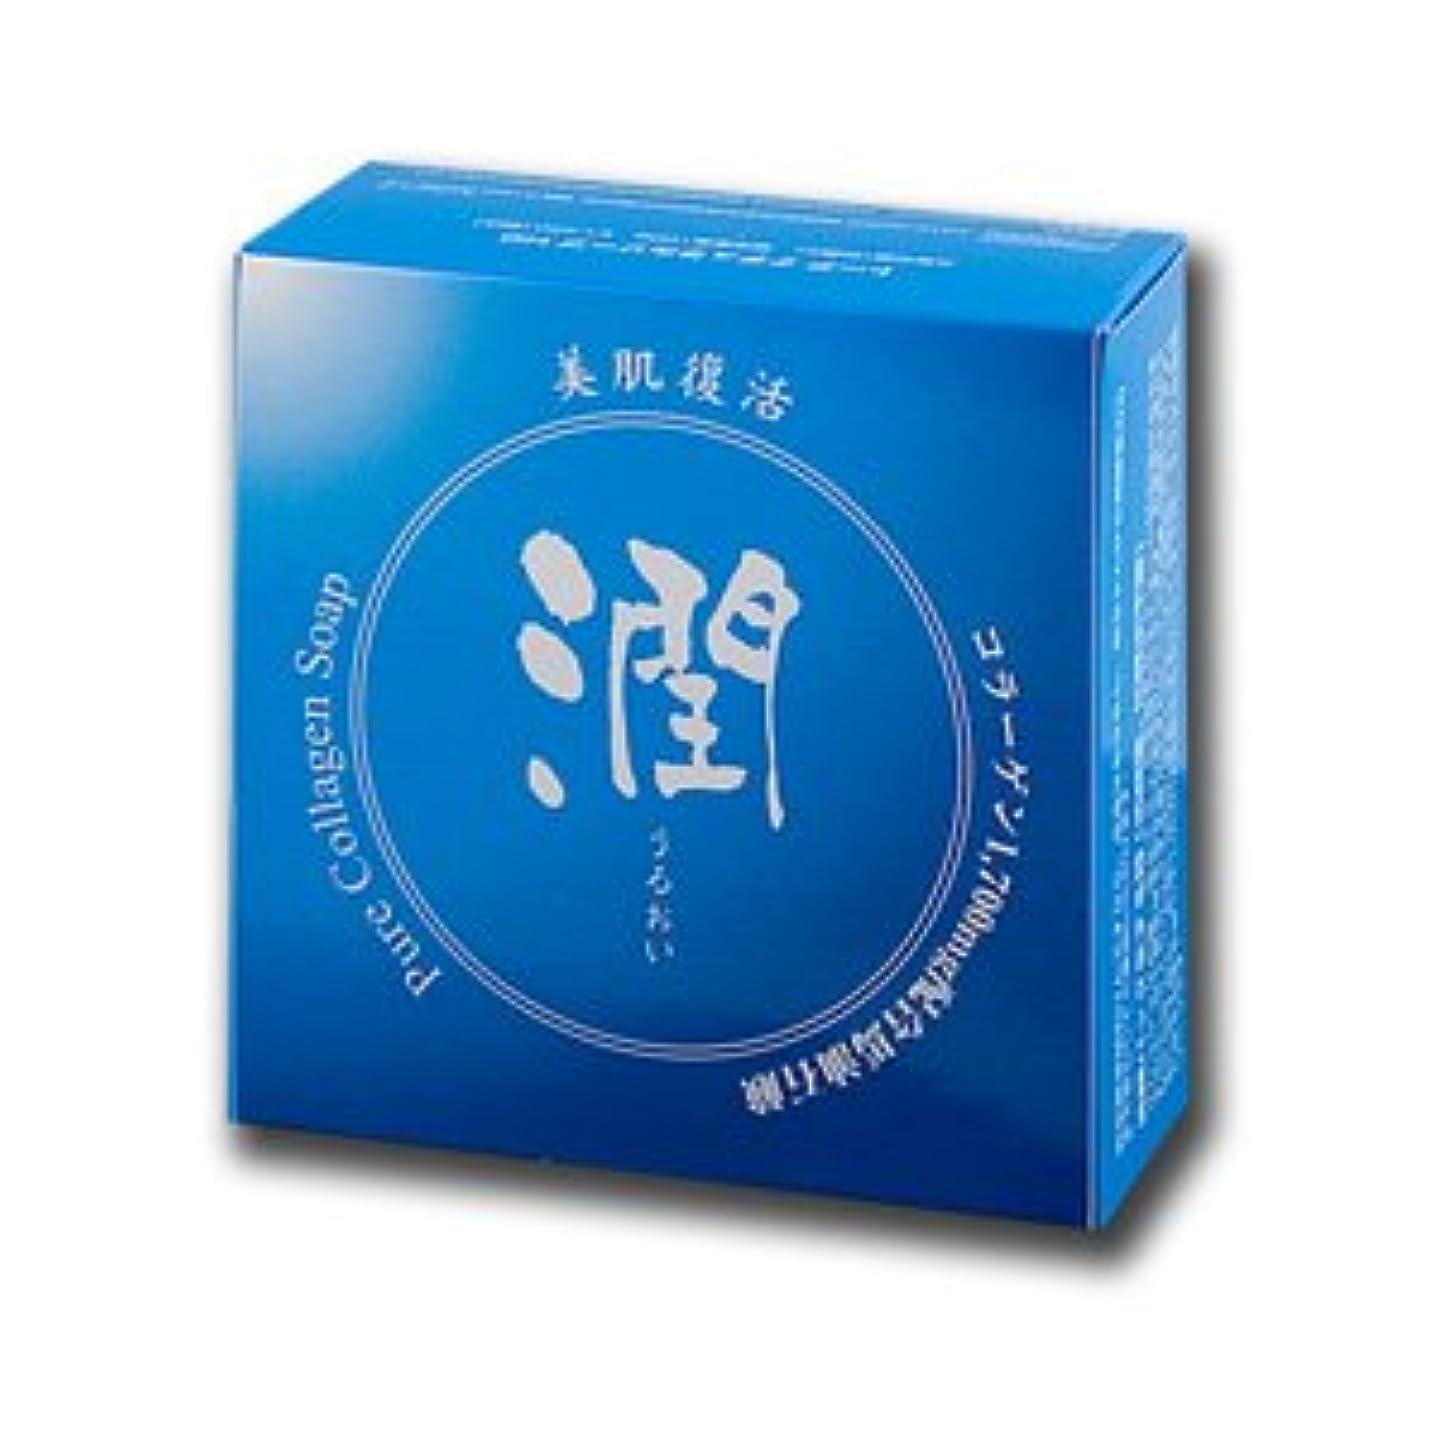 効果寛容な土コラーゲン馬油石鹸 潤 100g (#800410) ×6個セット